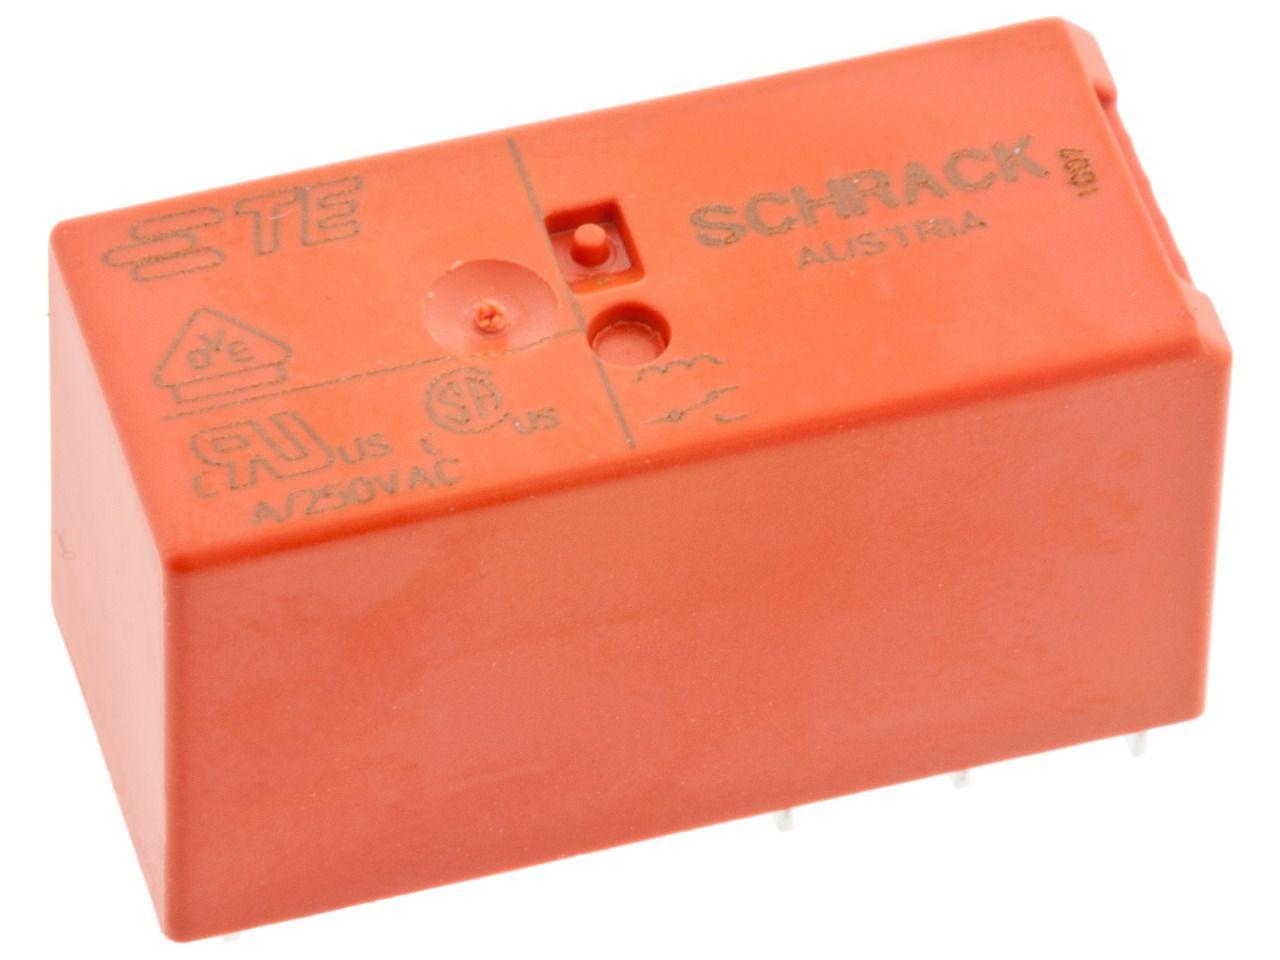 RELE RT424.012 12VDC TE CONNECTIVITY_SCHRACK (RT424012)